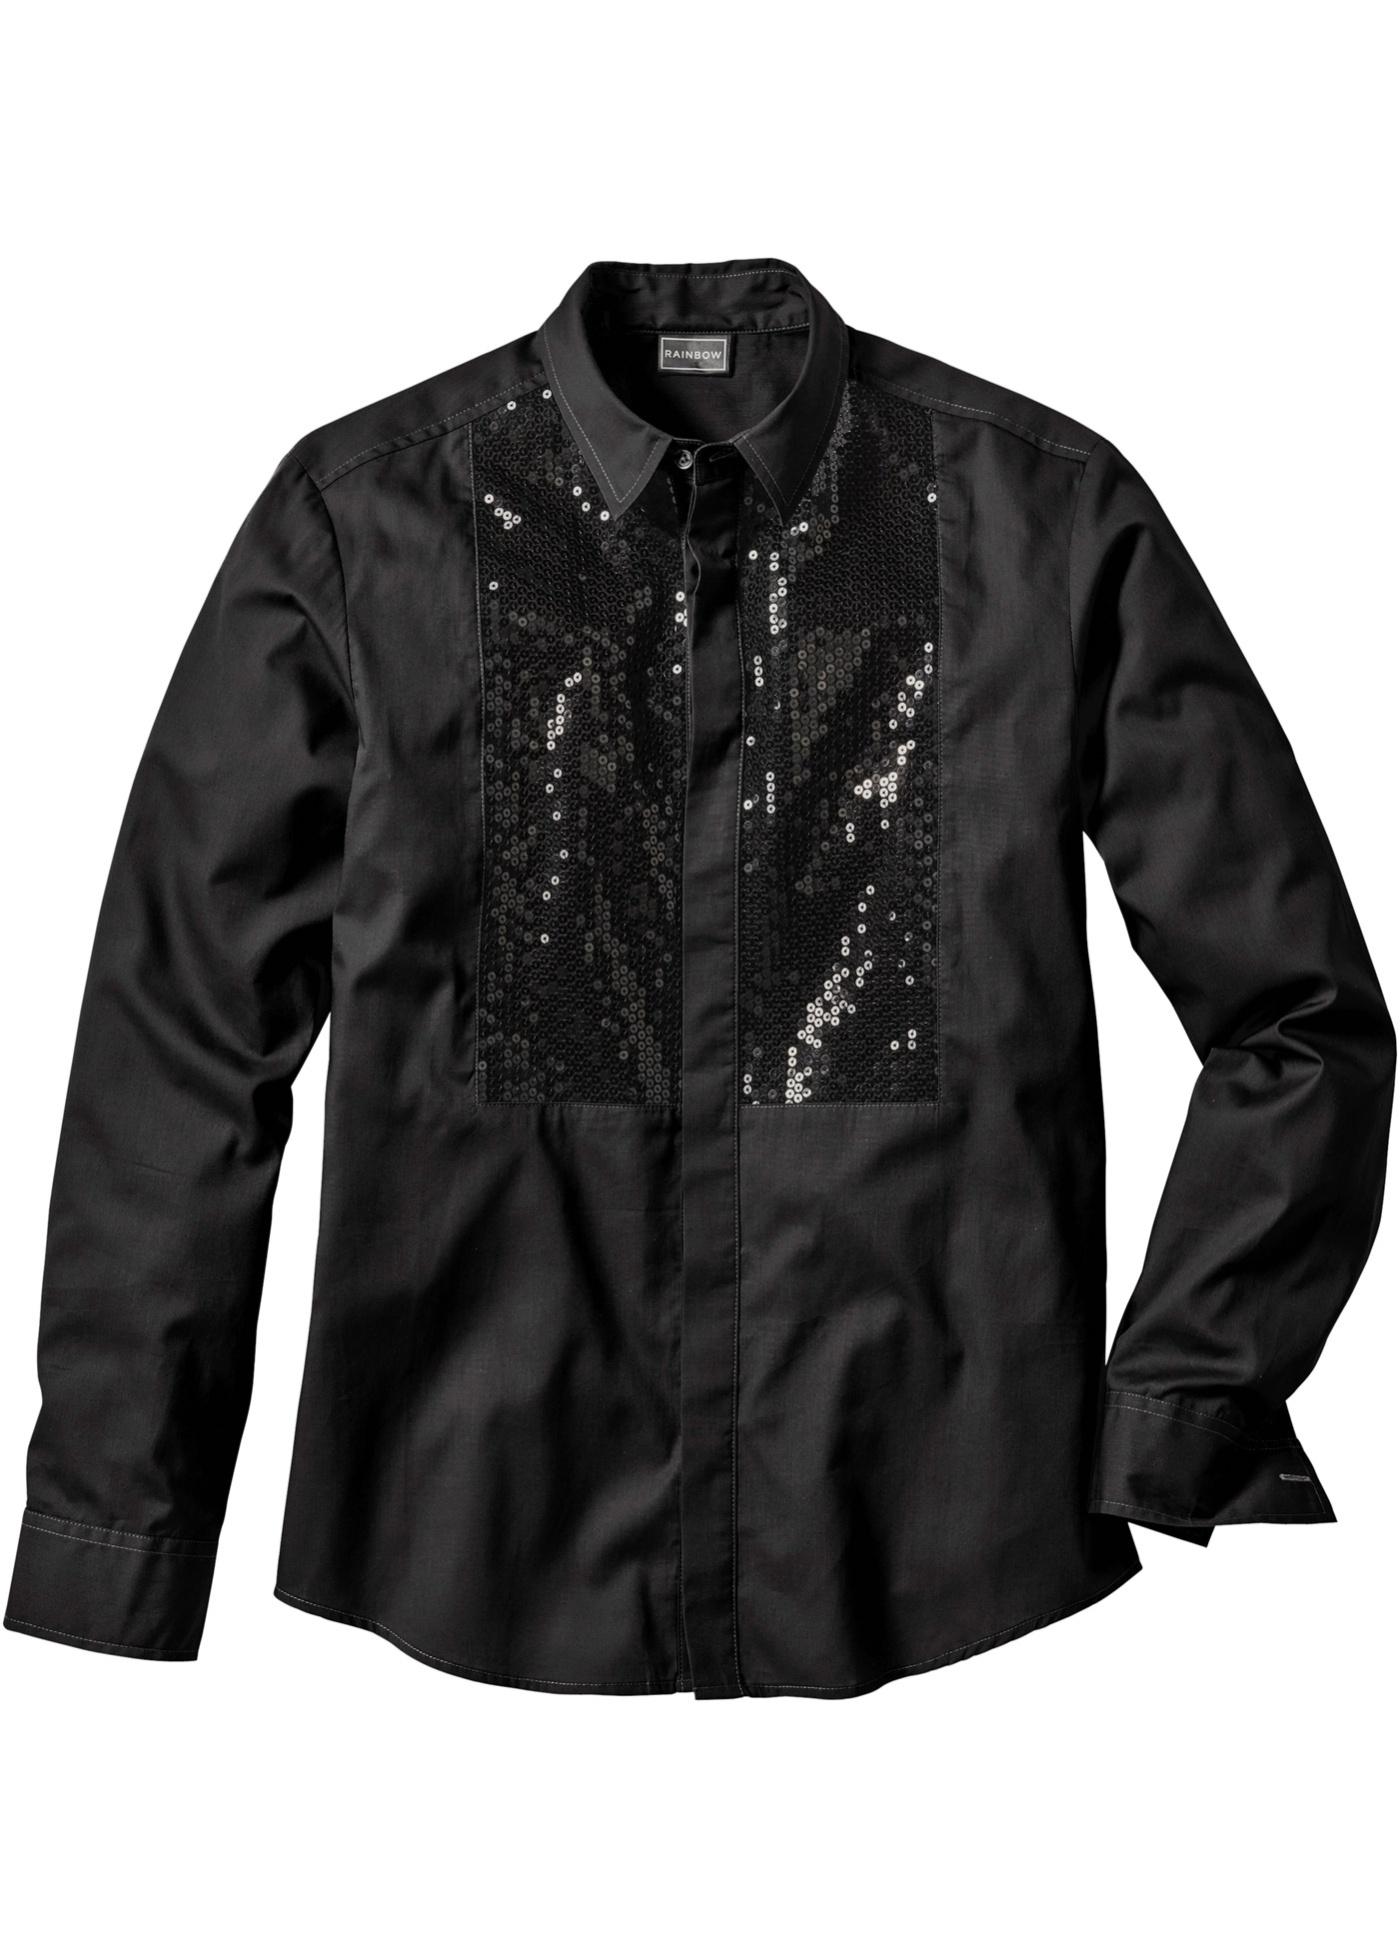 RAINBOW Langarmhemd in schwarz für Herren von bonprix Herrenmode Herrenbekleidung Herren Hemden Herren Hemd Langarm